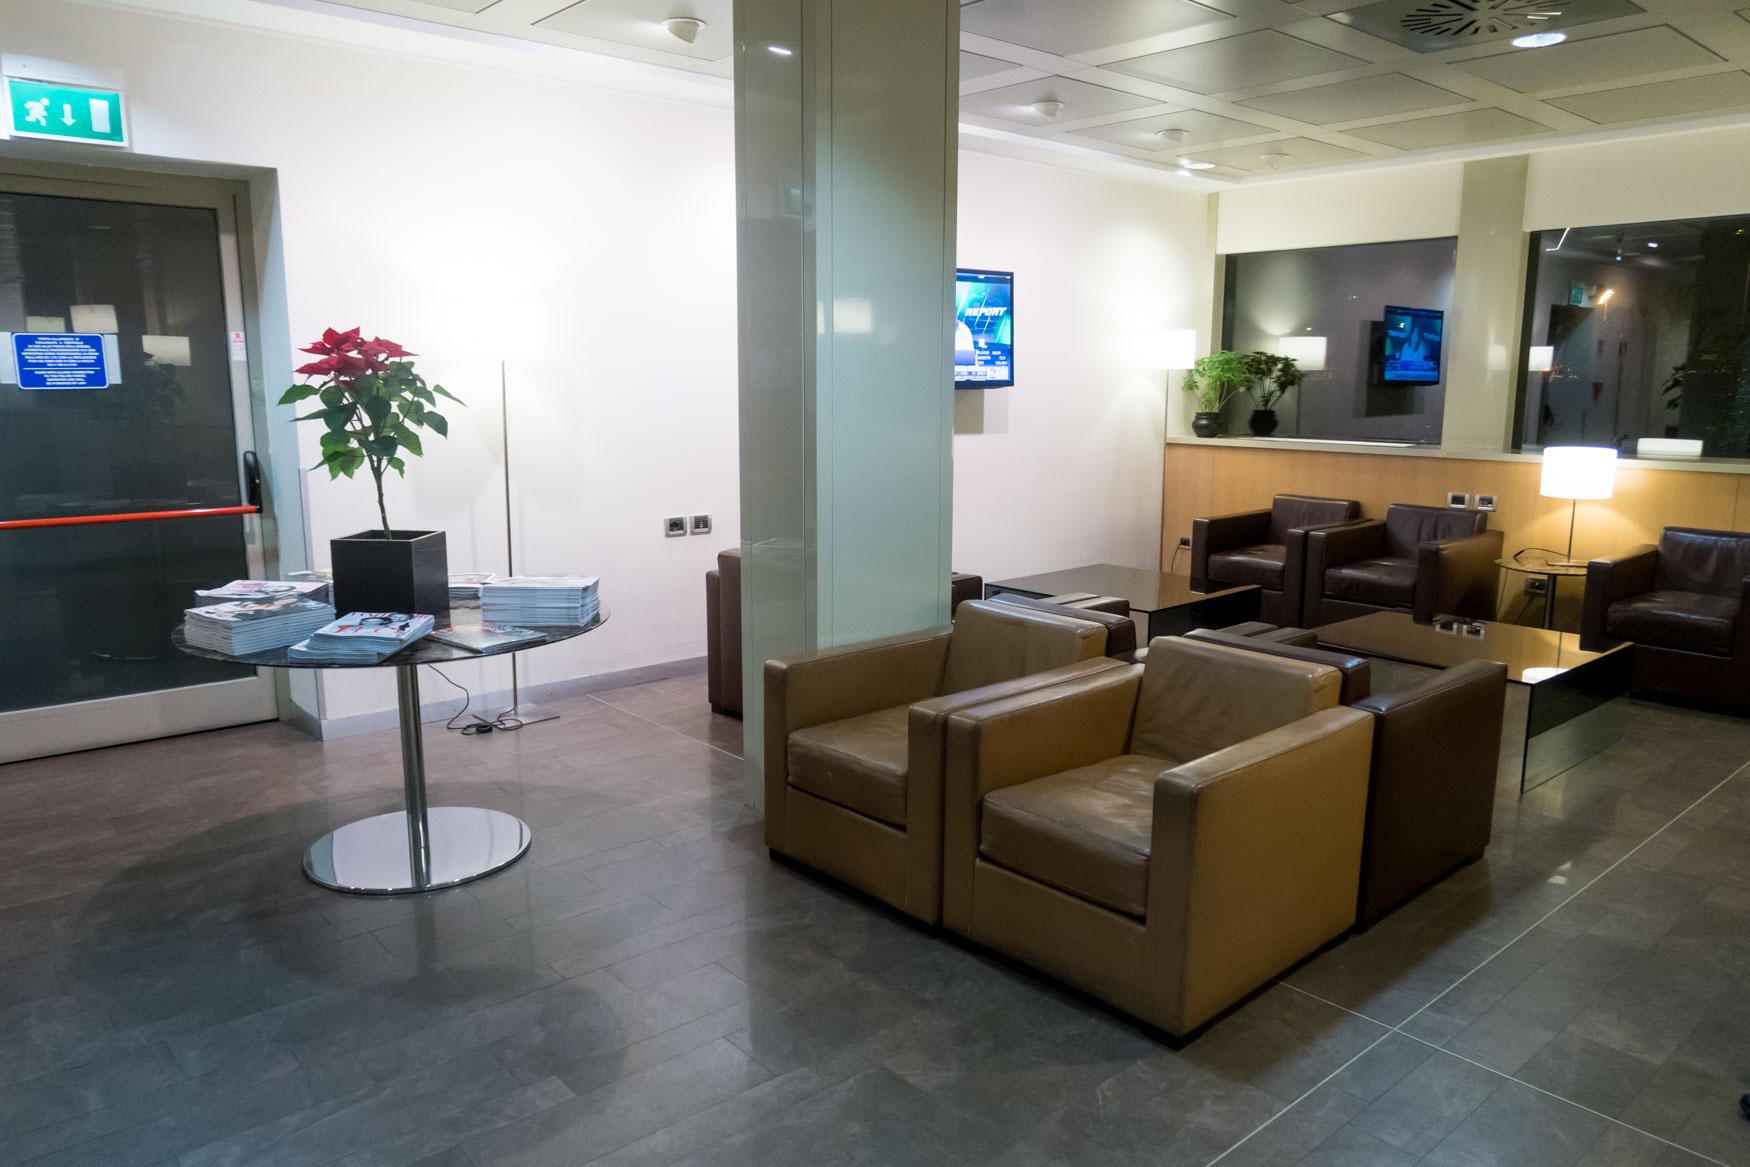 Club S.E.A. Sala Leonardo Milan Linate Main Seating Area